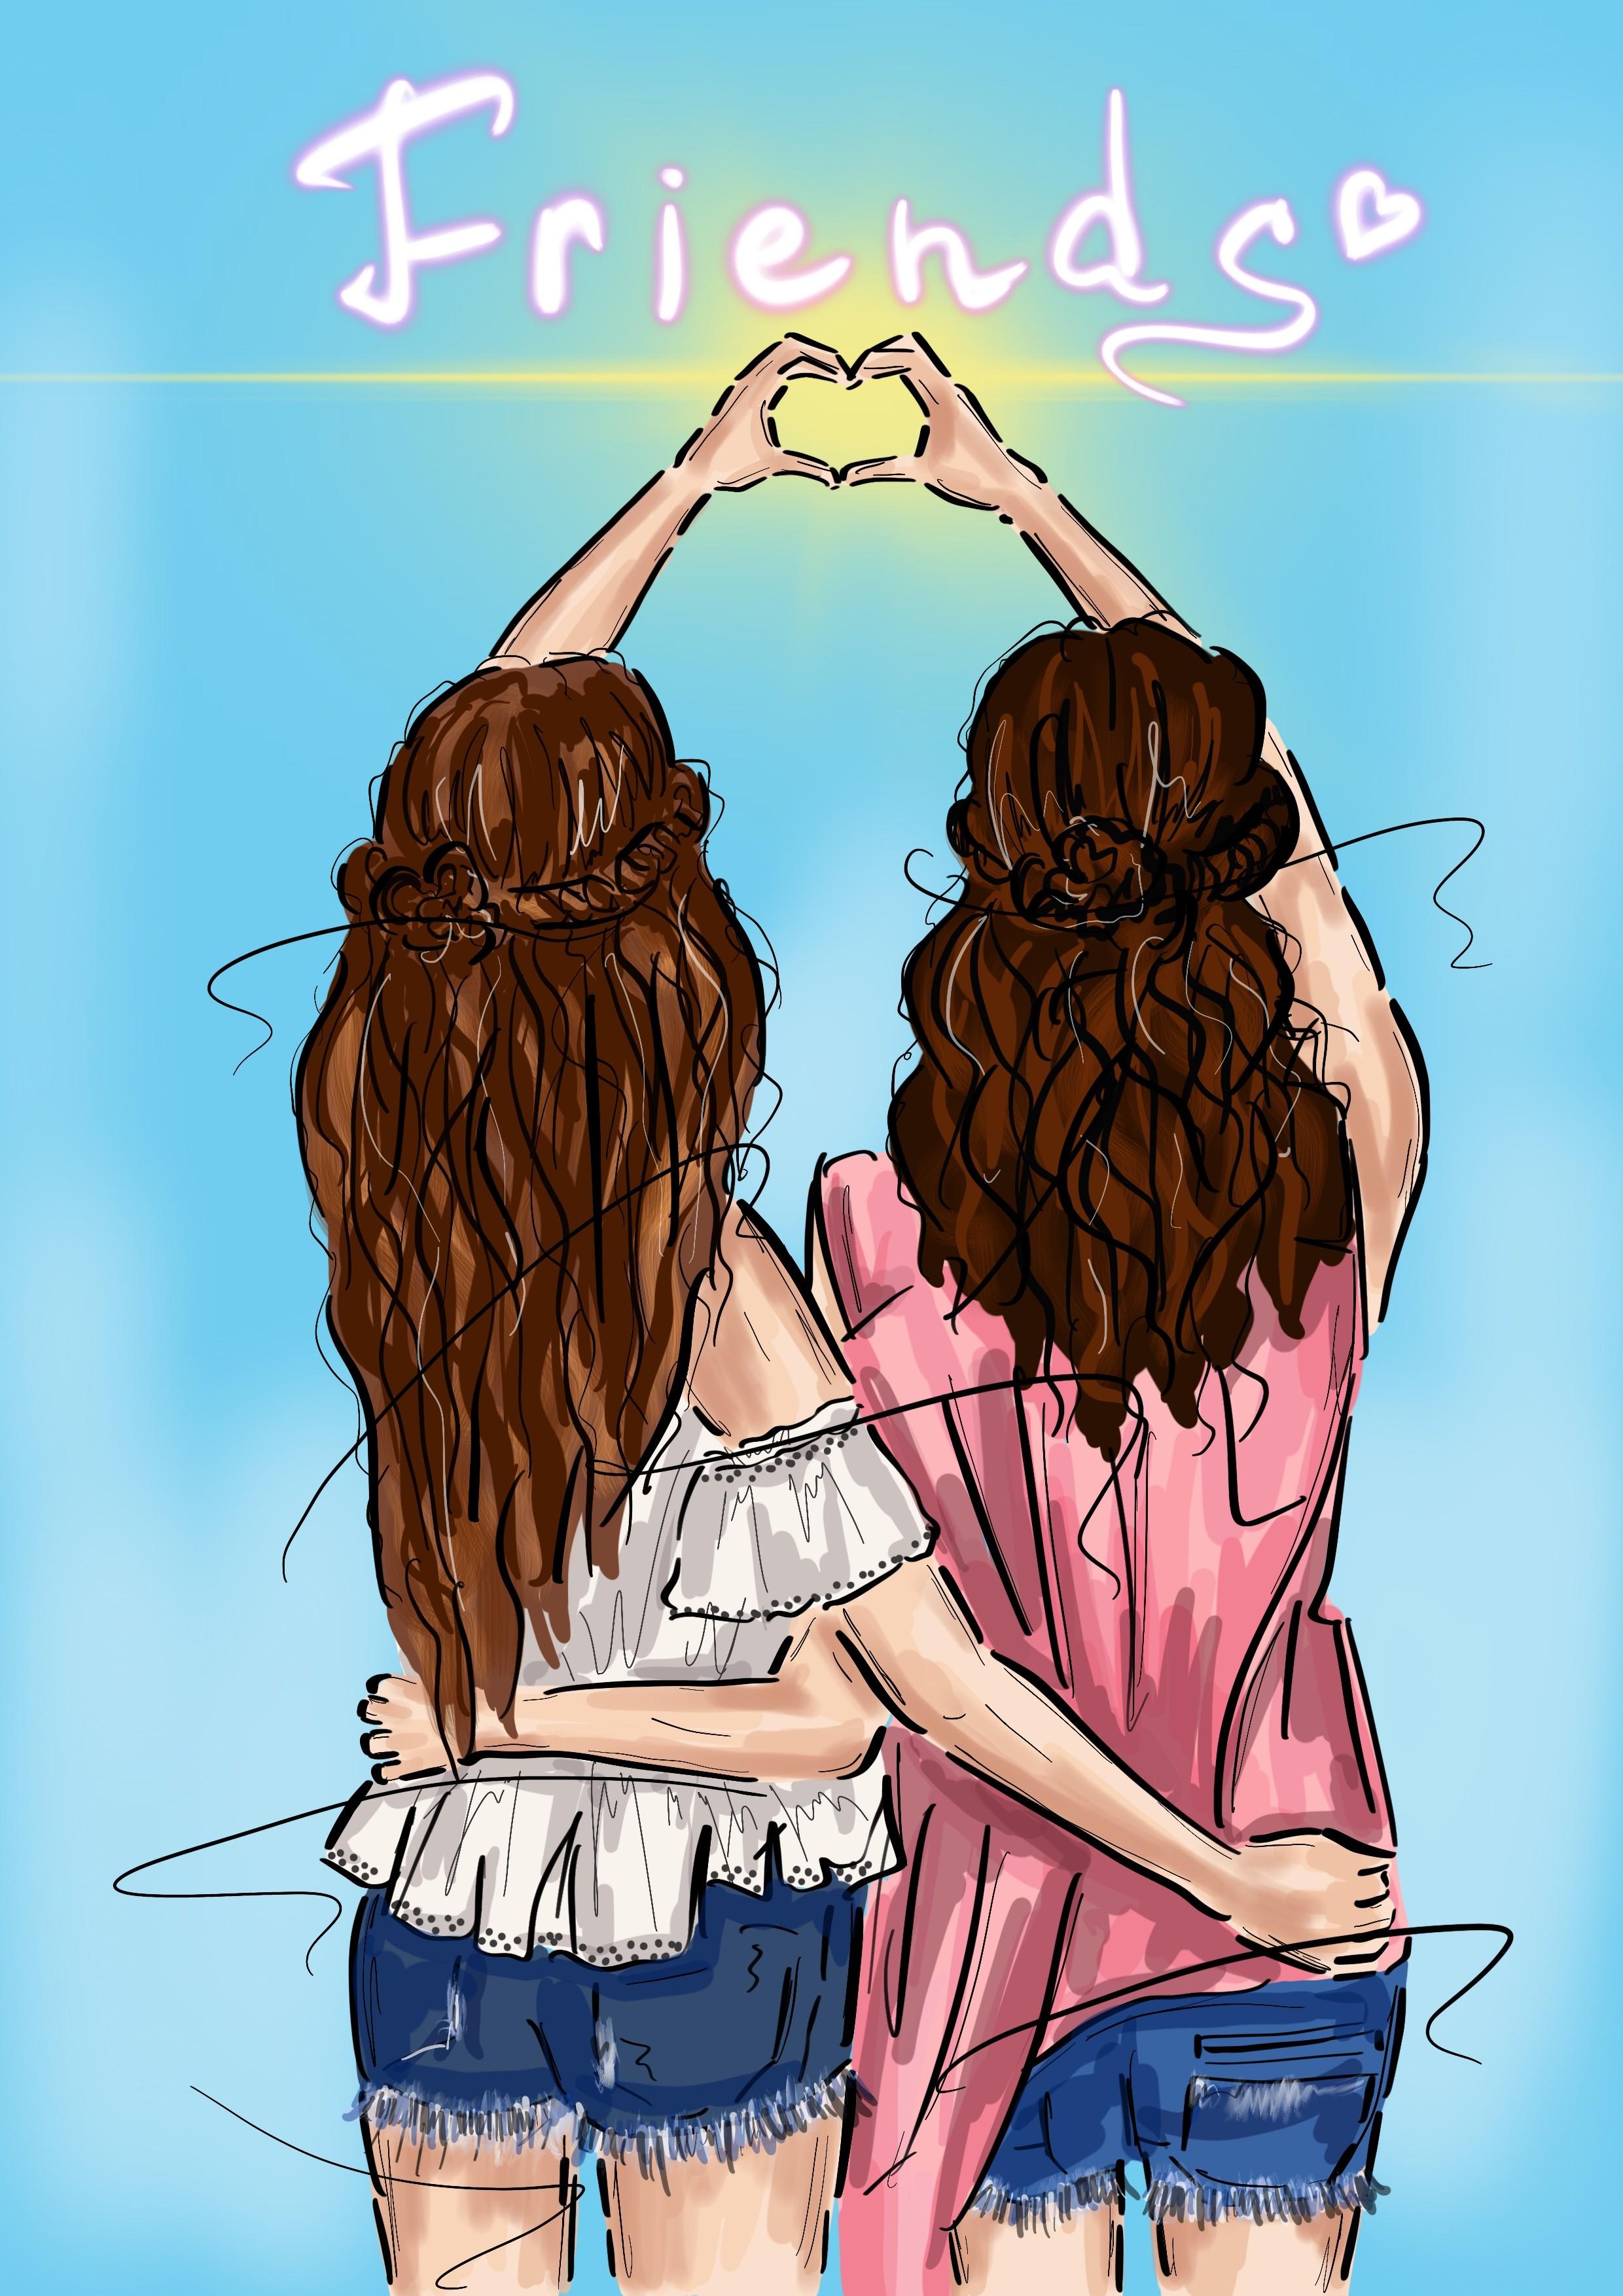 Картинка о любви к подруге от подруги